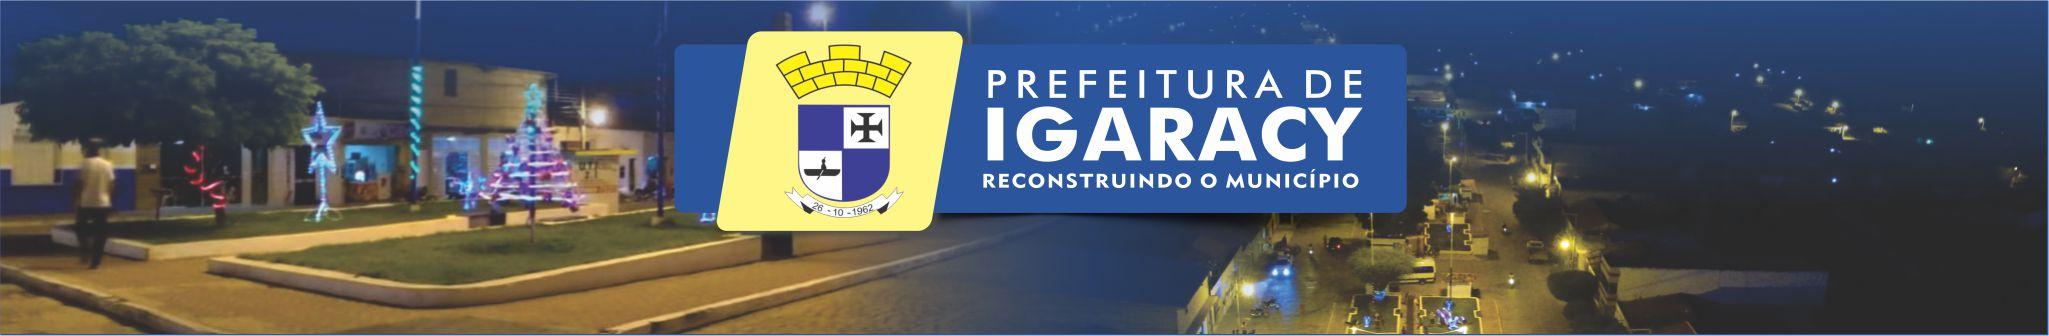 Prefeitura de Igaracy